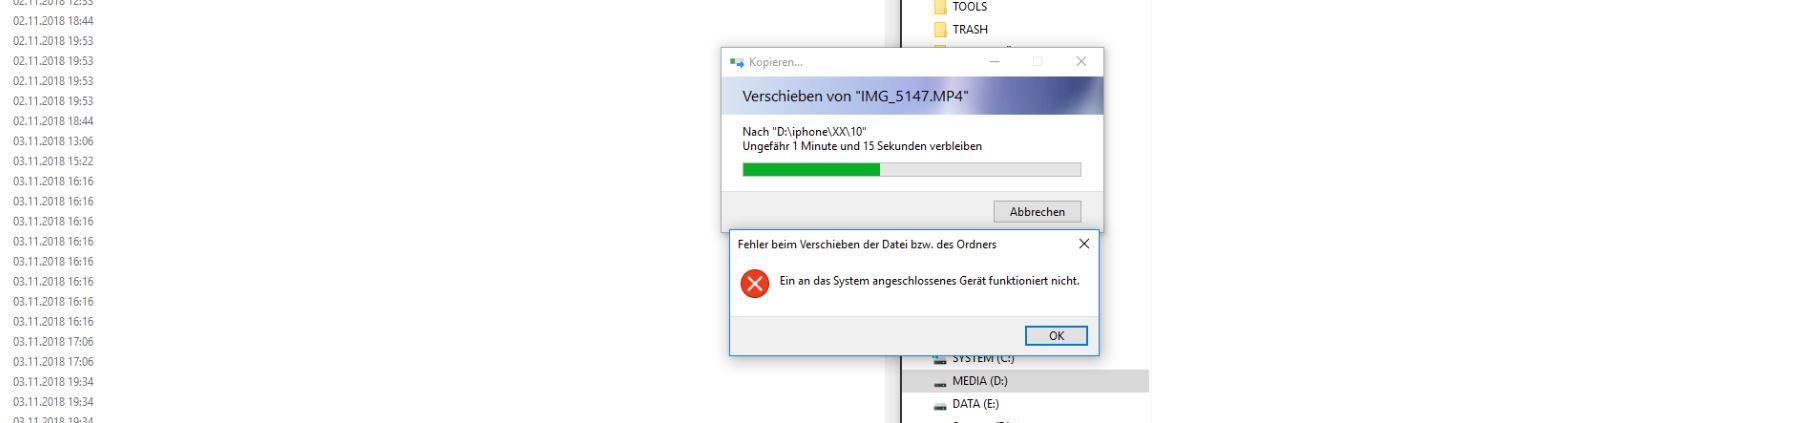 Bilder Ohne Absturze Vom Iphone Auf Den Windows Pc Ubertragen Das Angeschlossene Gerat Funktioniert Nicht Mehr Fehler Beheben Knowboard